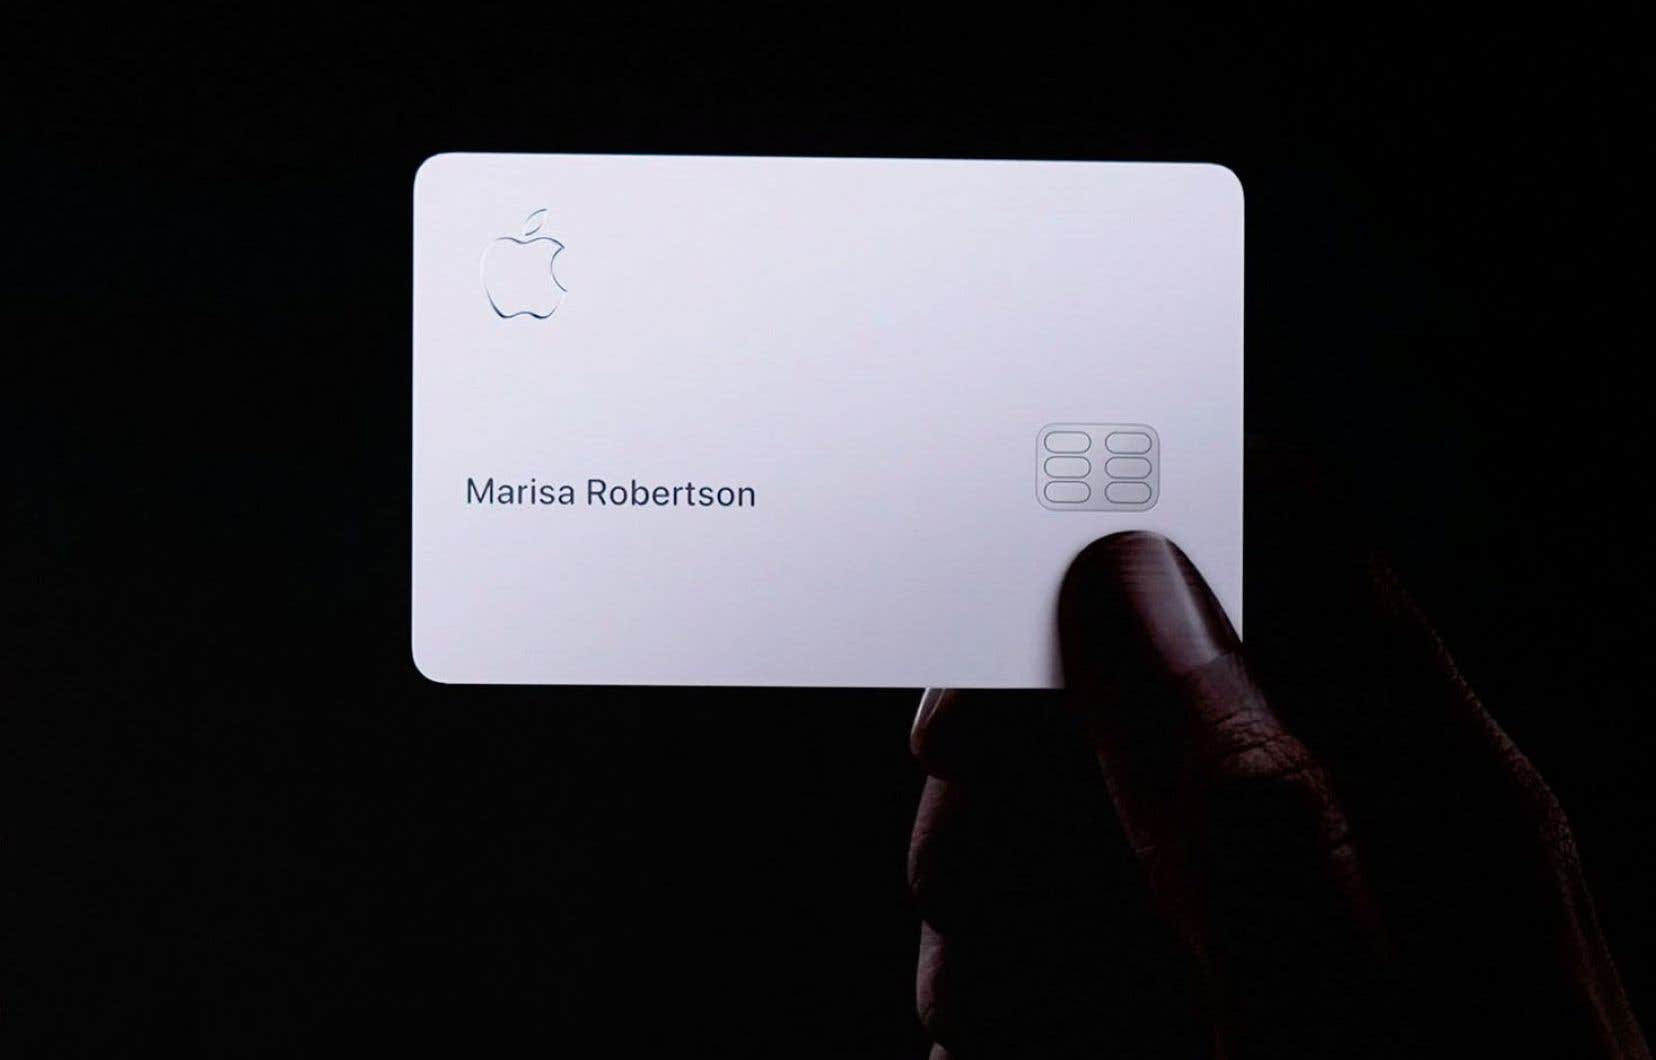 La carte de crédit Apple est disponible aux États-Unis depuis mardi. On ignore pour le moment si le service sera offert au Canada.